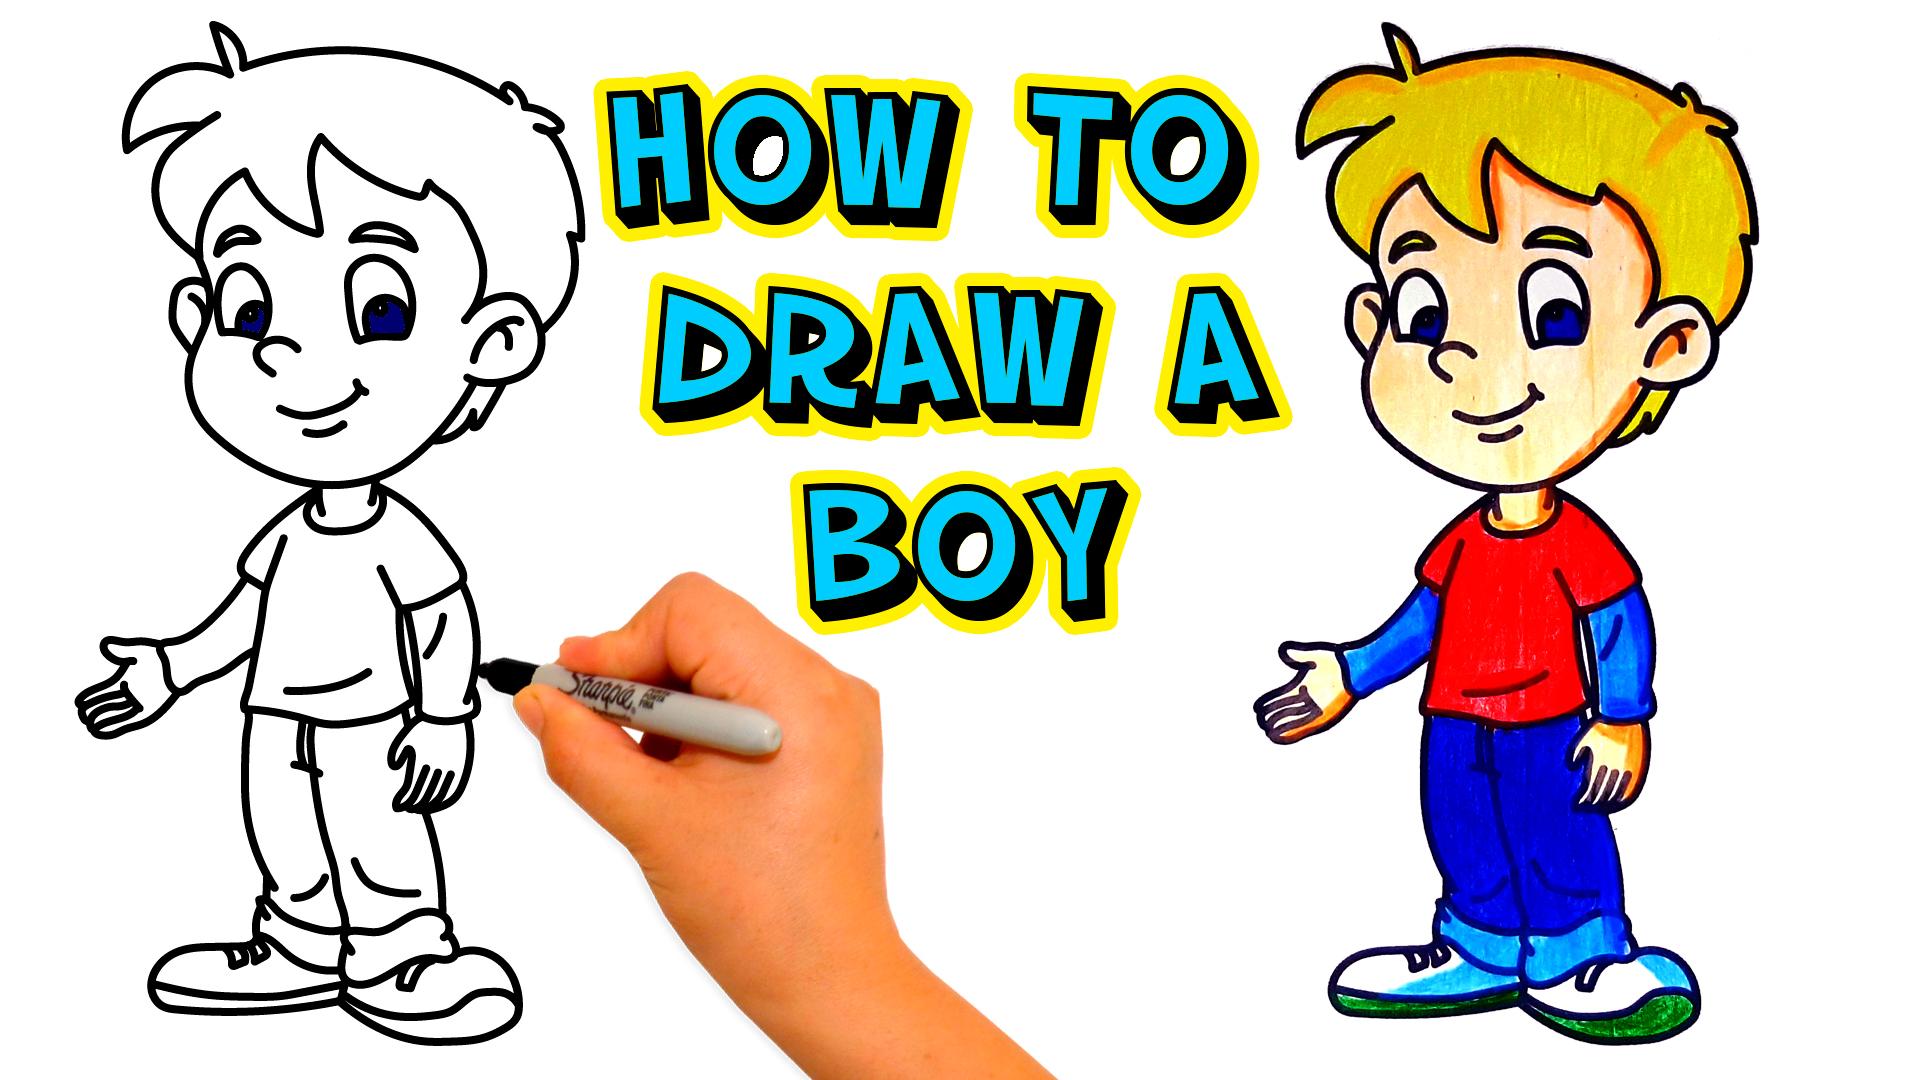 How-to-draw-a-boy-como-dibujar-un-niño